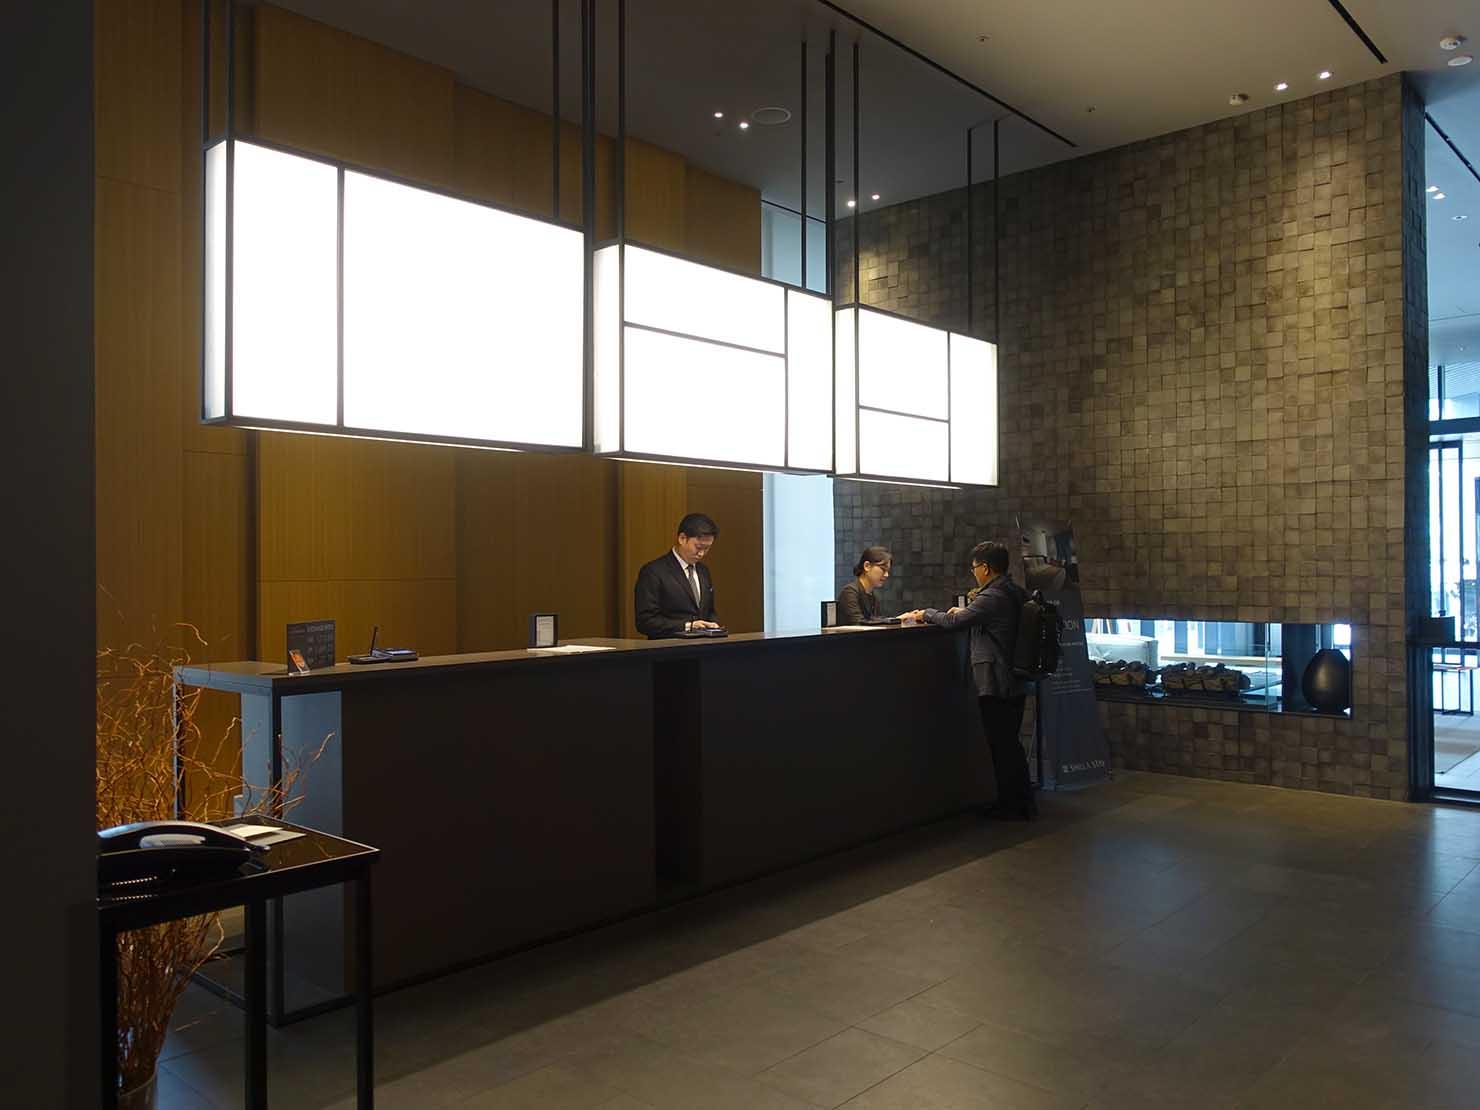 ソウル観光に超便利なアクセス抜群の特2級ホテル「新羅ステイ麻浦 Shilla Stay Mapo」のフロント